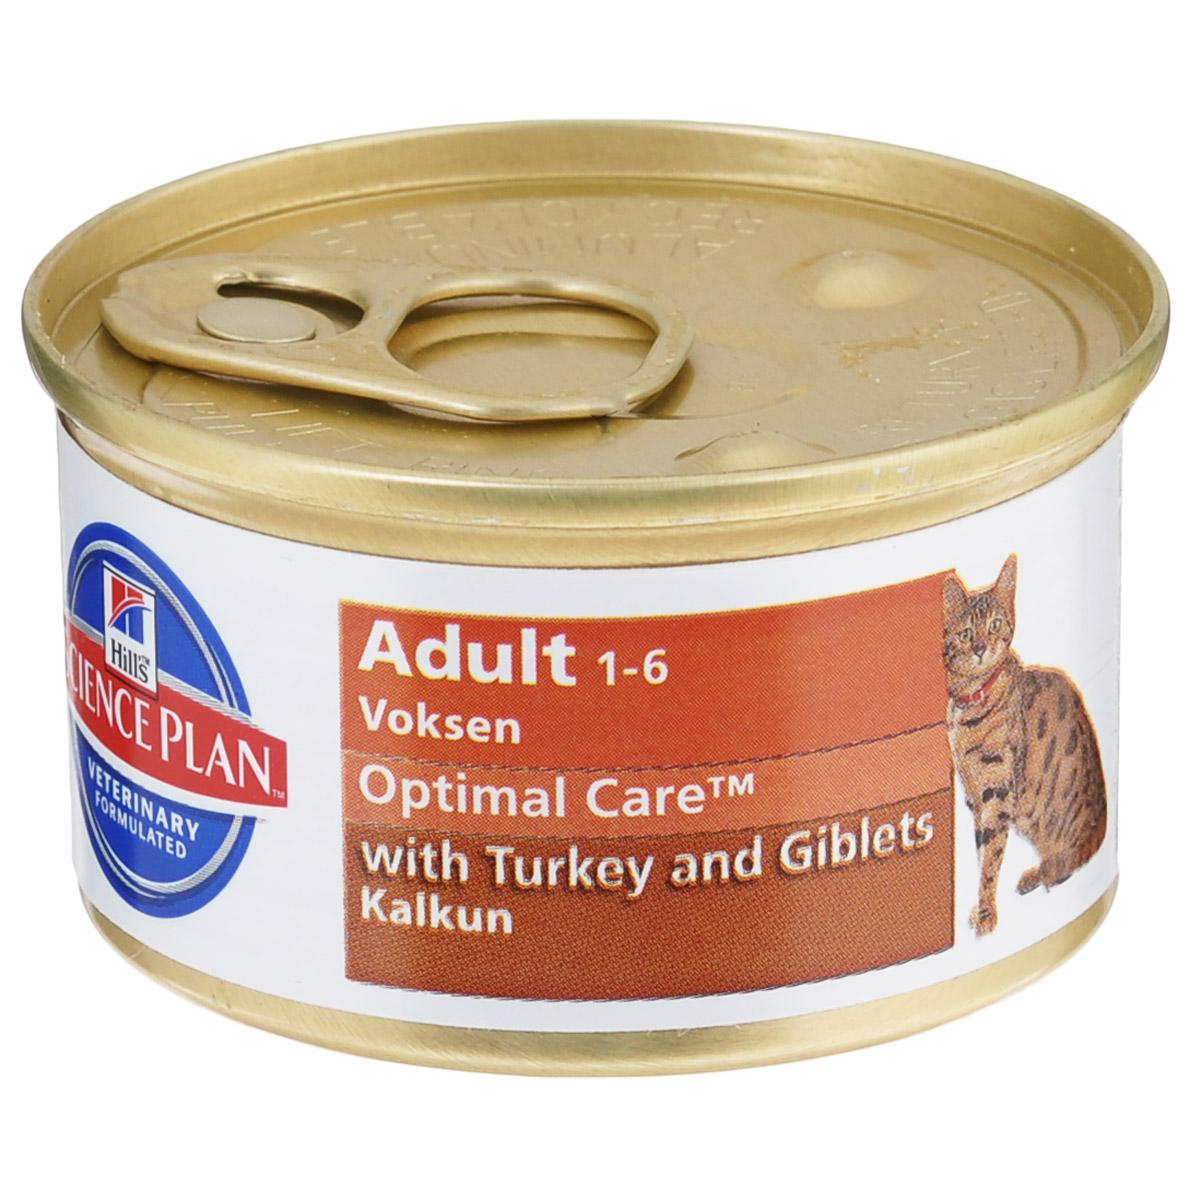 Консервы Hills Optimal Care для взрослых кошек, с индейкой, 85 г4537Консервы для кошек Hills Optimal Care - это полноценное питание для кошек с 1 года до 6 лет. Помогают поддержать здоровье мочевыводящих путей и оптимальный вес, содержат антиоксиданты с клинически подтвержденным эффектом, протеины и Омега-3 жирные кислоты. Ключевые преимущества: Поддерживает мускулатуру и оптимальный вес. Контролируемый уровень минералов для здоровья нижних мочевыводящих путей. Высоко перевариваемые ингредиенты для легкости пищеварения. 100% гарантия качества, консистенции и вкуса. Состав: мясо и субпродукты животного происхождения (индейка мин. 17%, потрошки мин. 12%), злаки, рыба и рыбные производные, масла и жиры, экстракты растительного происхождения, минералы, дрожжи. Средний анализ: белок 9%, жир 6,5%, клетчатка 1,2%, зола 1,5%, влага 75,5%. Добавки на кг: Е671 (Витамин D3) 330 МЕ, Е1 (железо) 13,6 мг, Е2 (йод) 0,4 мг, Е4 (медь) 1,2 мг, Е5 (марганец) 3 мг, Е6 (цинк) 43,2 мг, Е8...